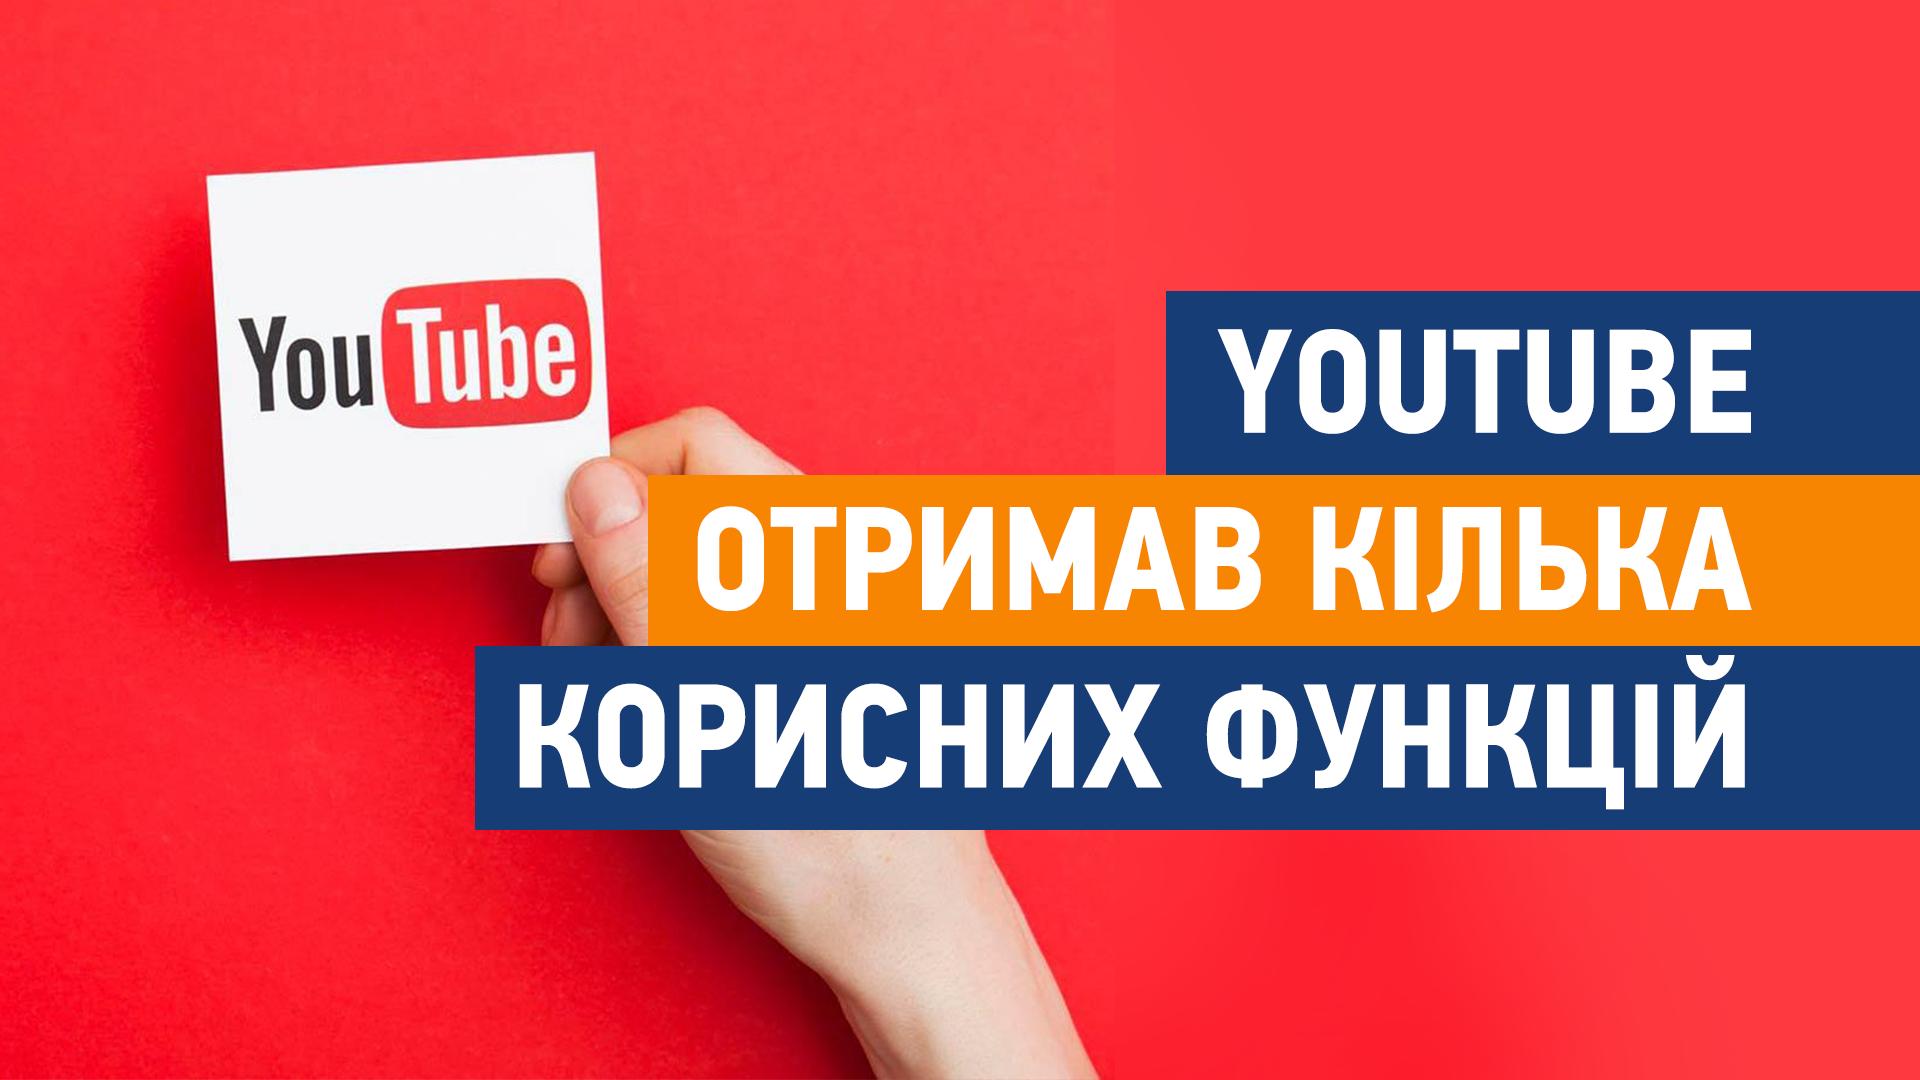 YouTube отримав кілька корисних функцій: що нового